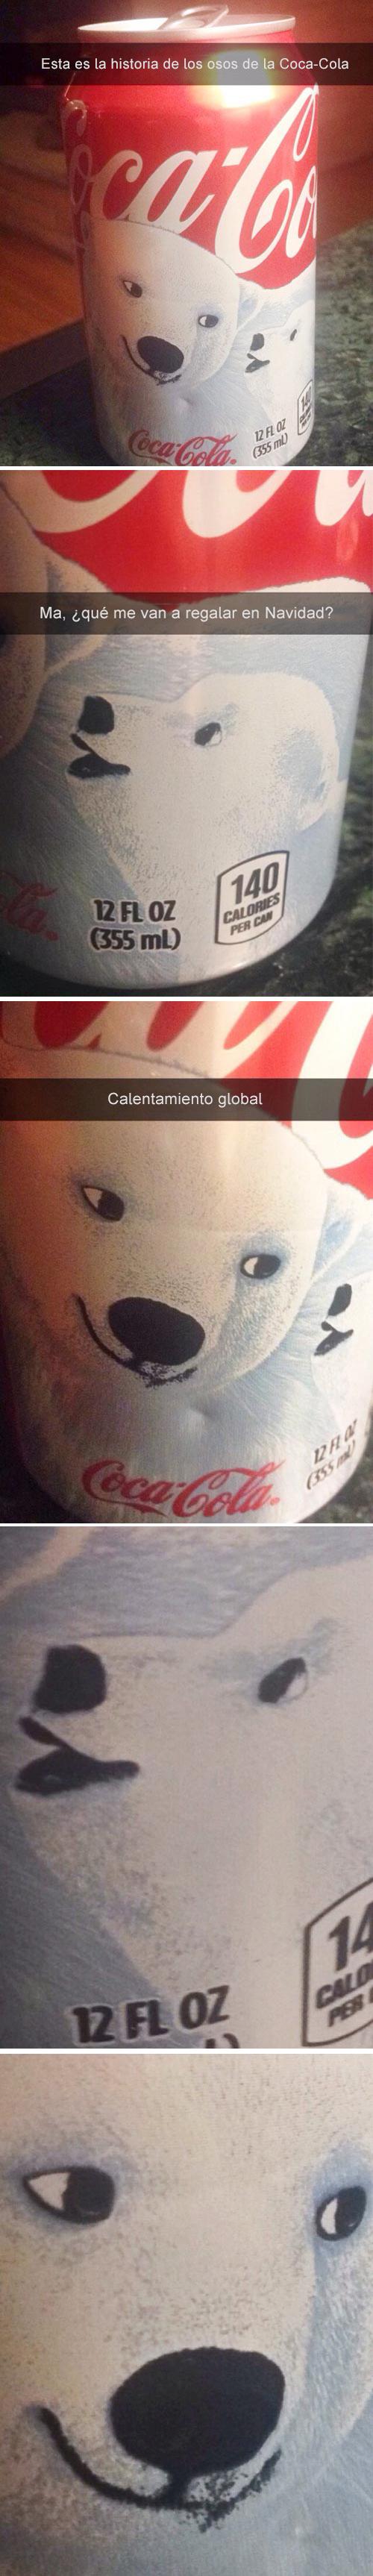 Historia snapchat, historia de osos de Coca Cola